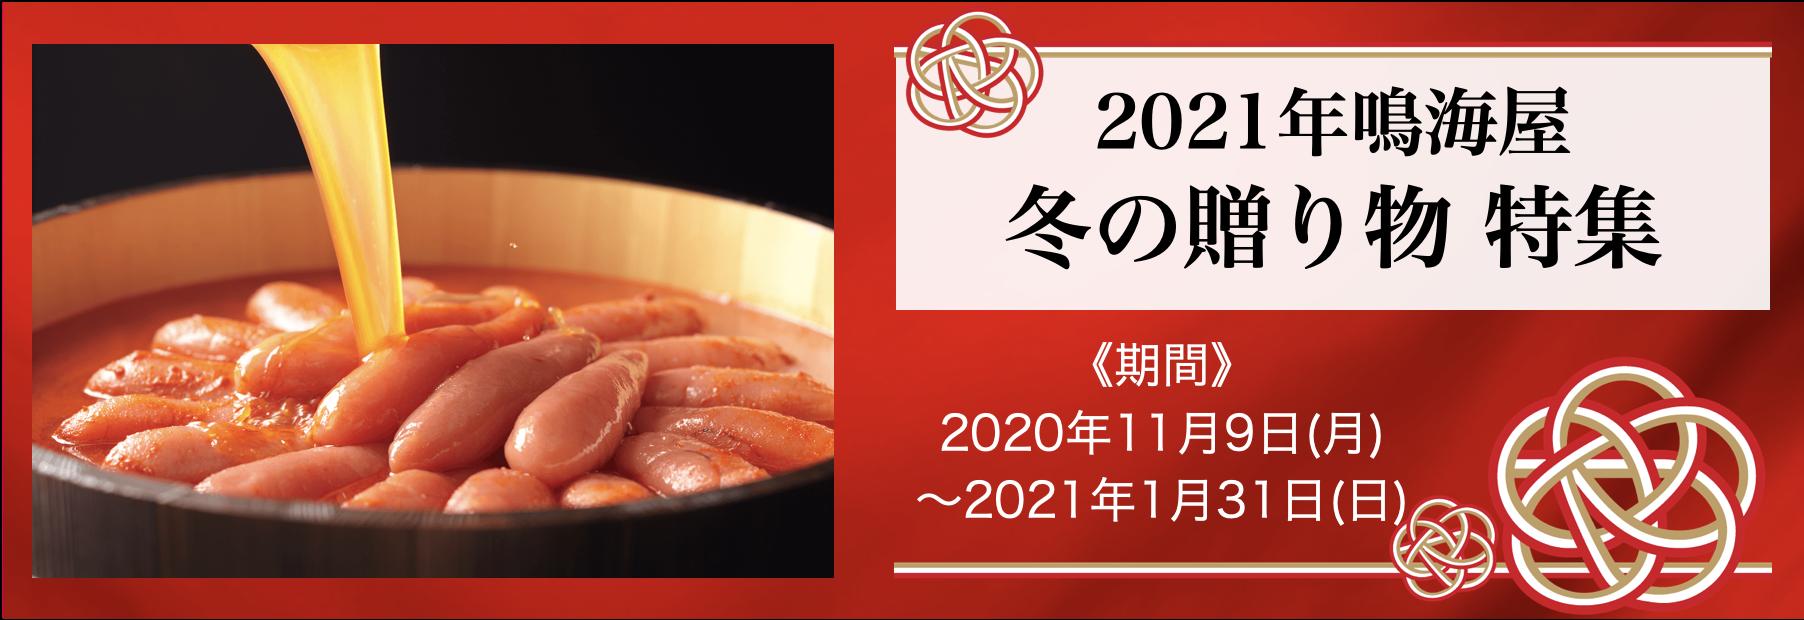 鳴海屋のお歳暮2020